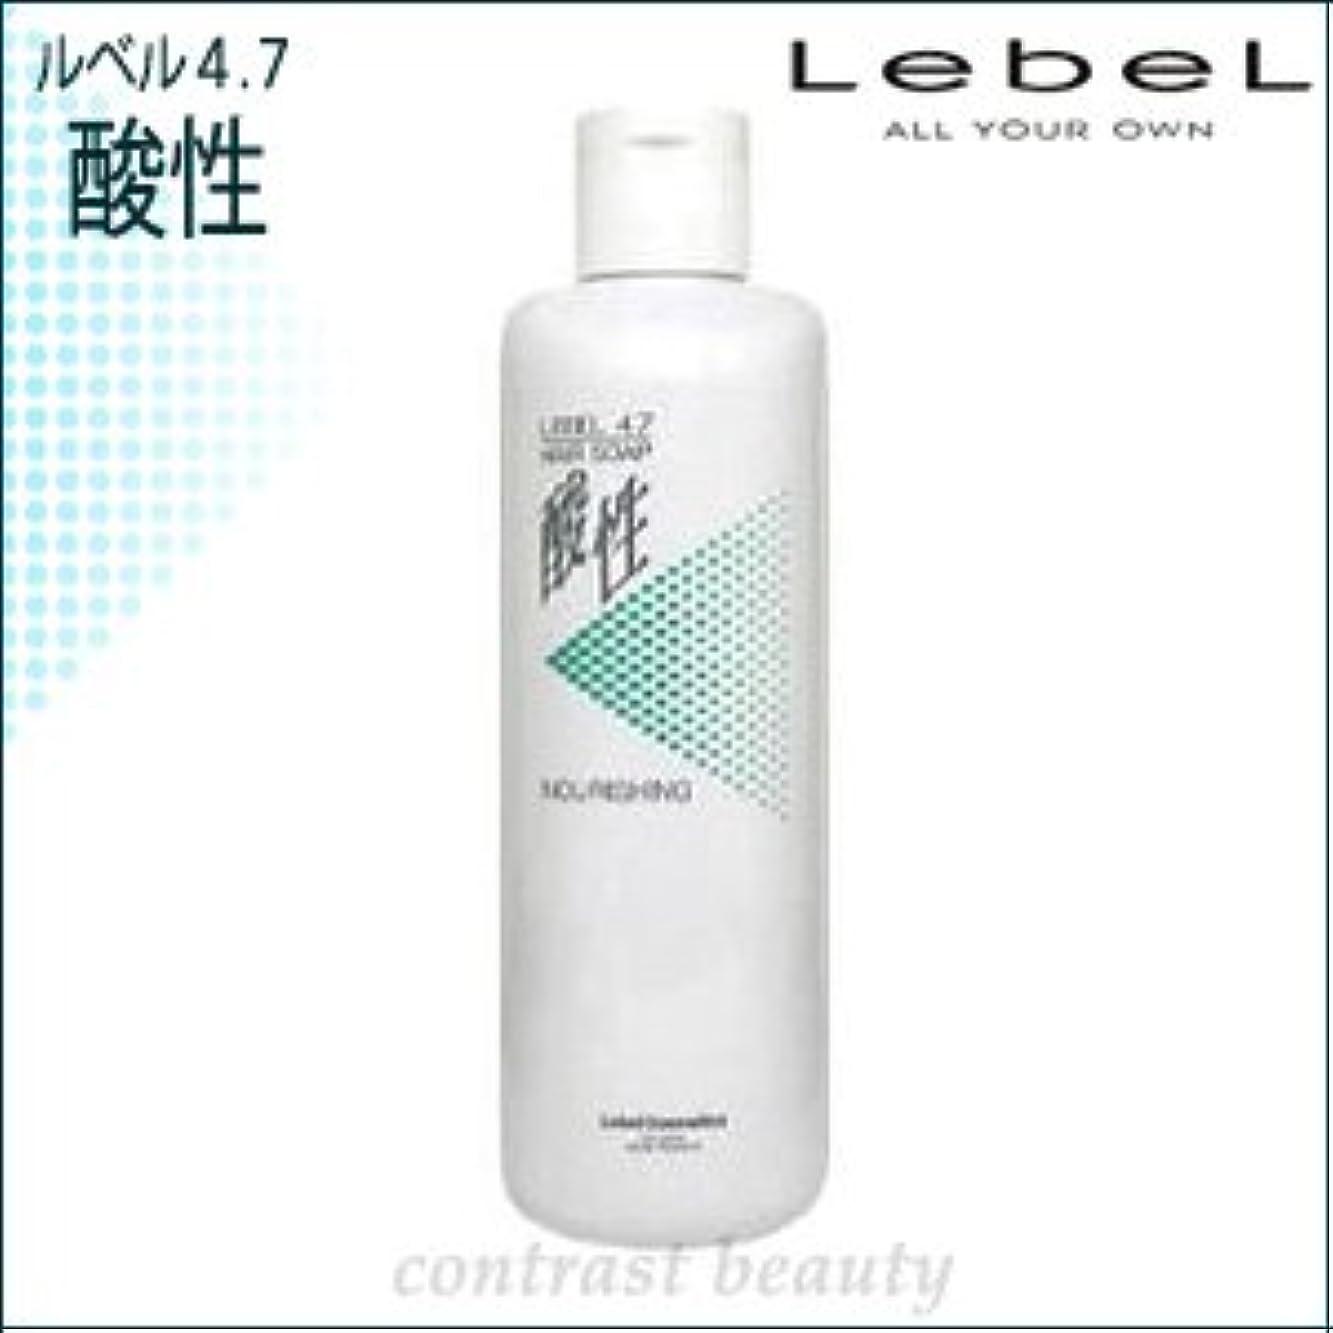 締め切り講師男やもめ【X3個セット】 ルベル/LebeL 4.7酸性 ヘアソープ ナリシング 400ml